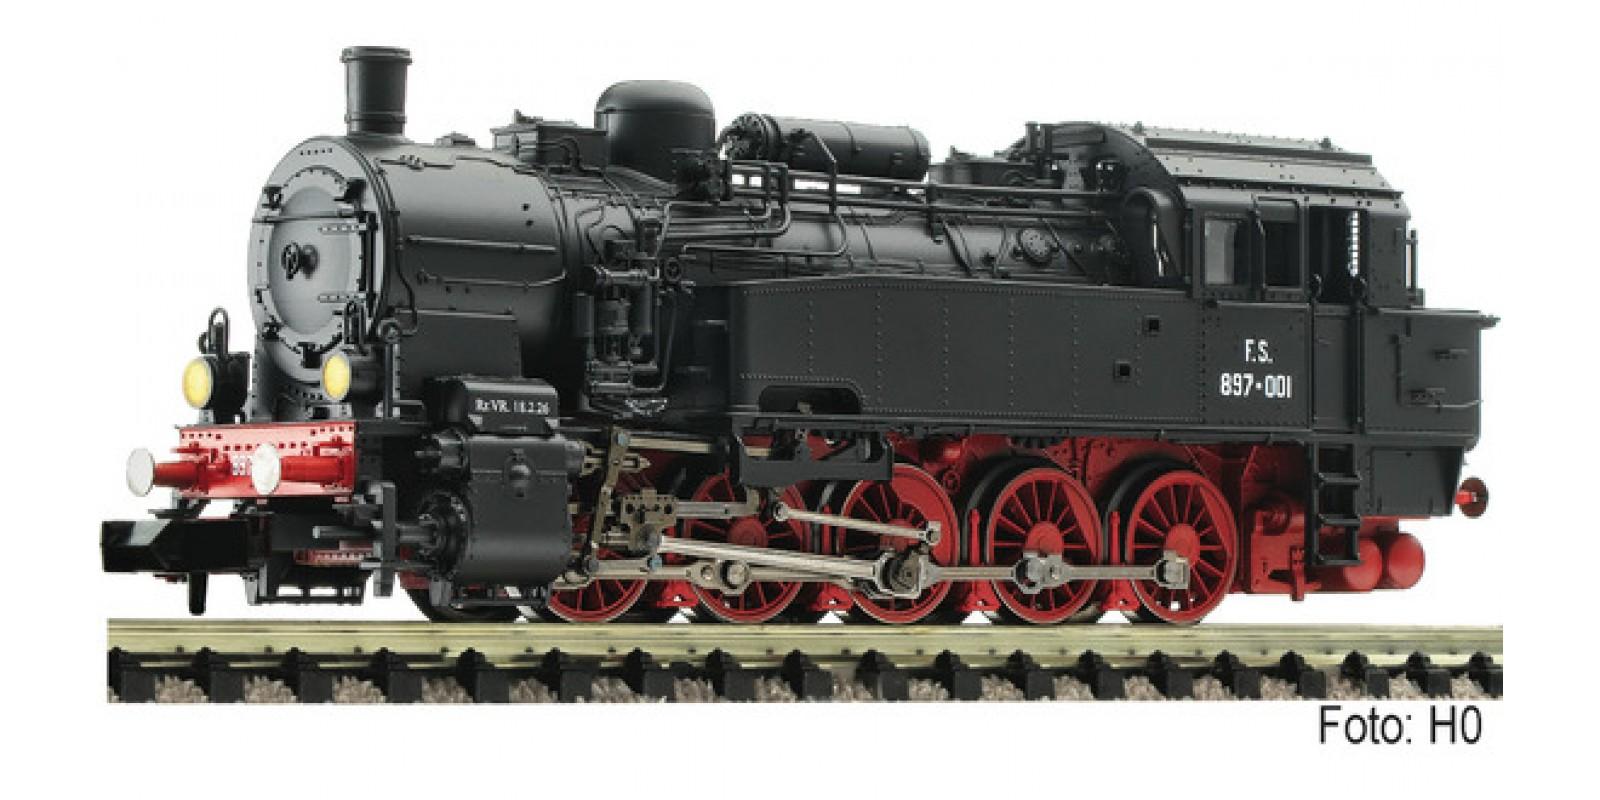 FL709404 - Steam locomotive Gruppo 897, FS